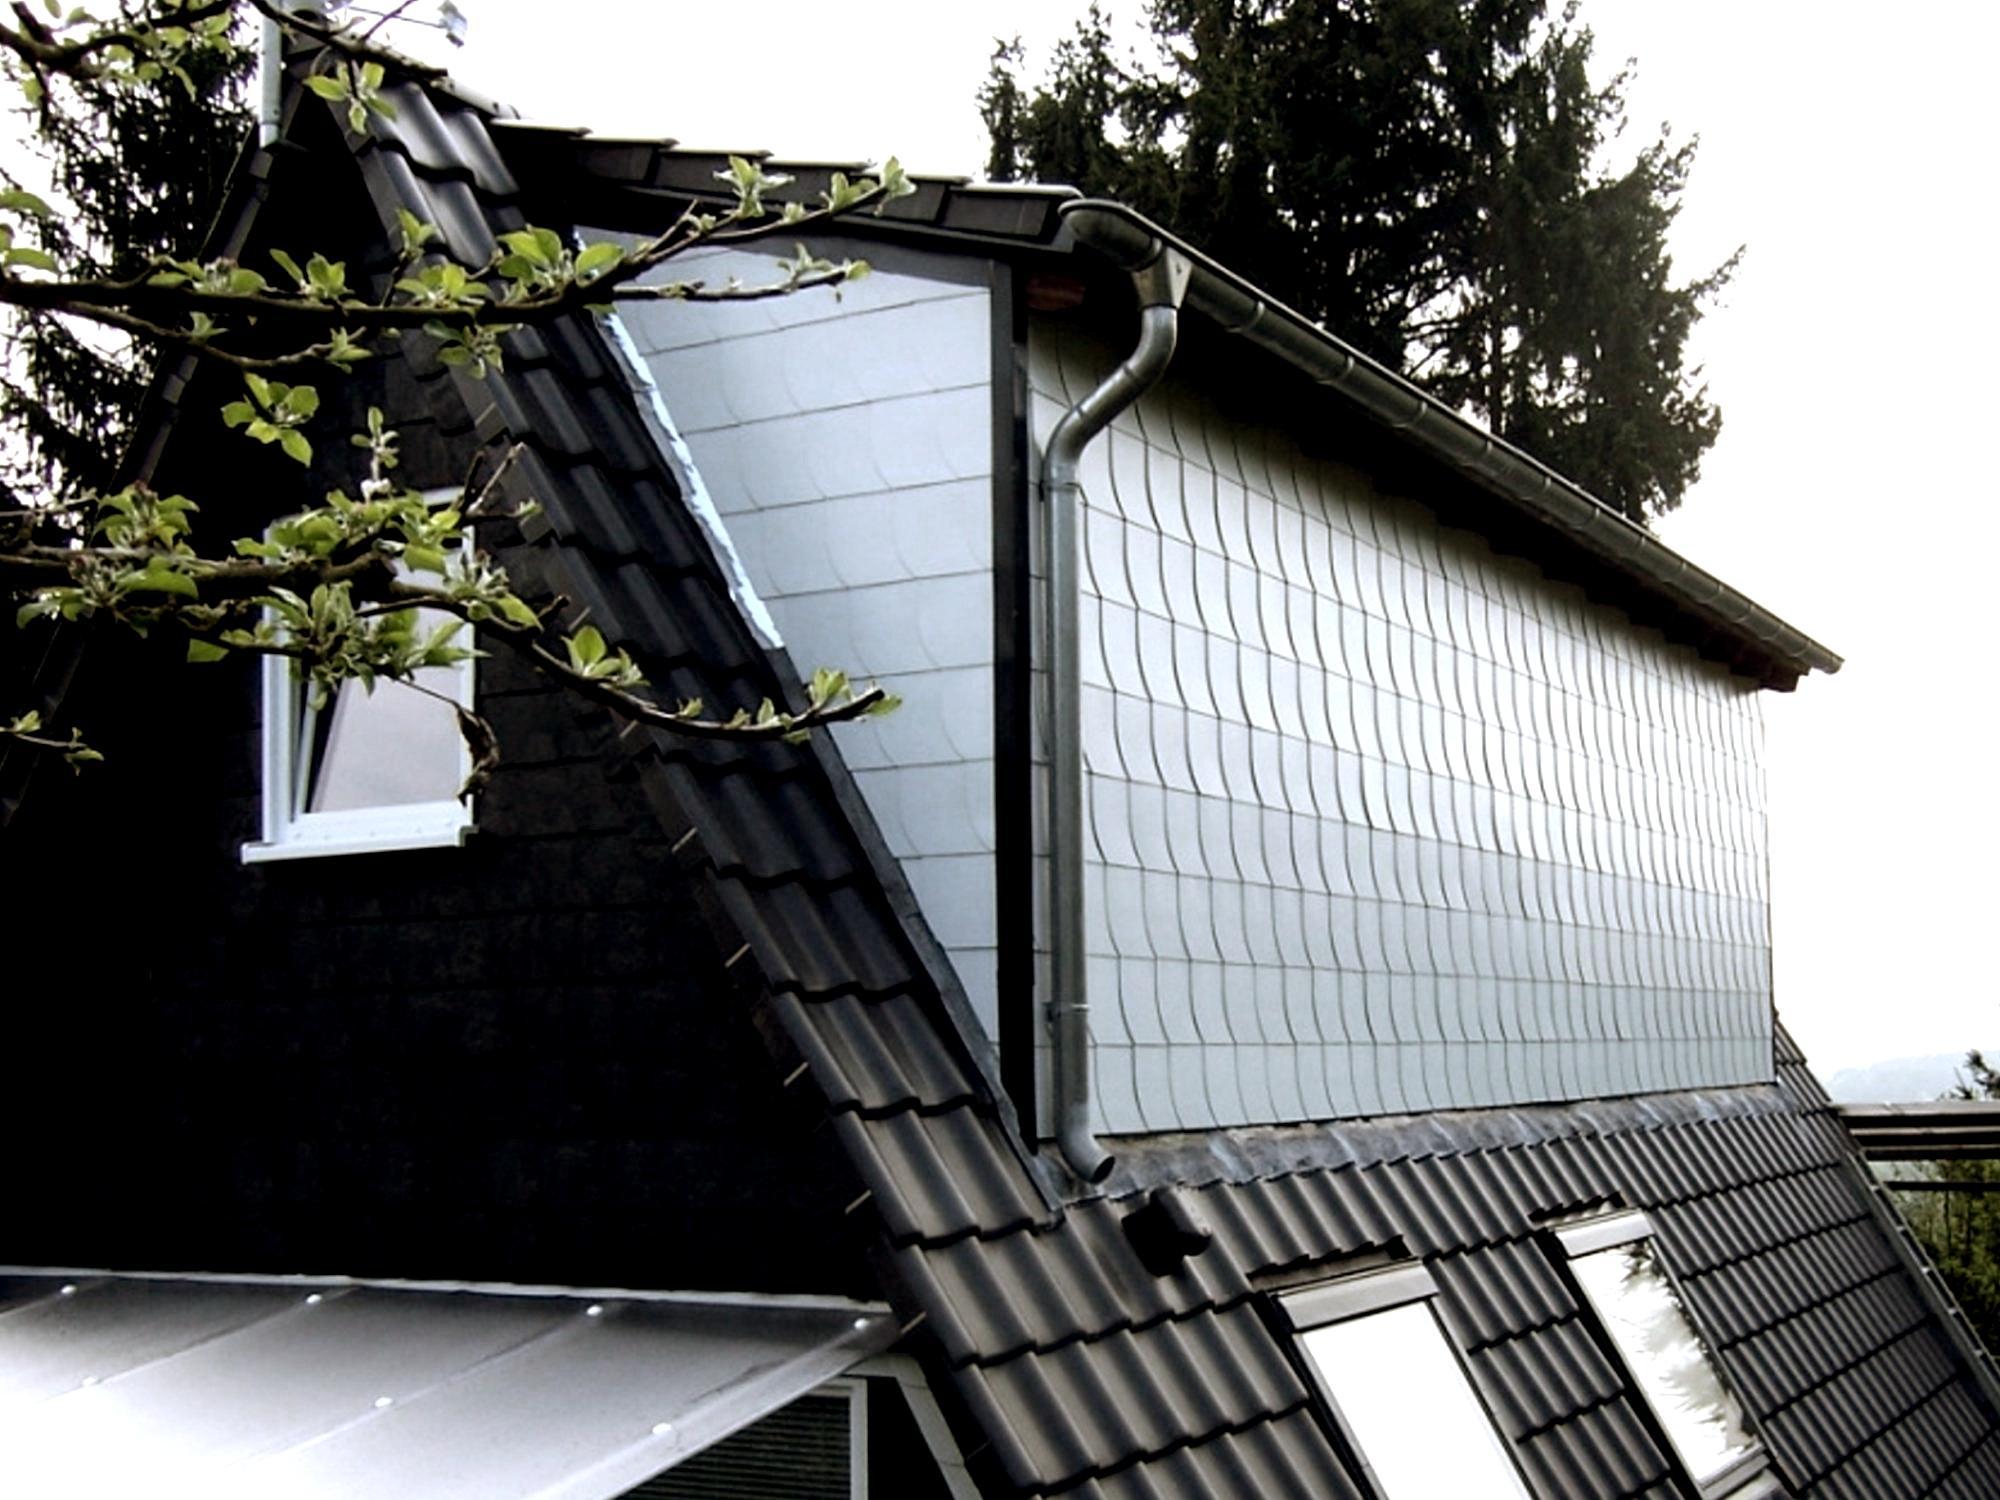 seitenwand eines daches mit weissen schindeln gesch tzt. Black Bedroom Furniture Sets. Home Design Ideas